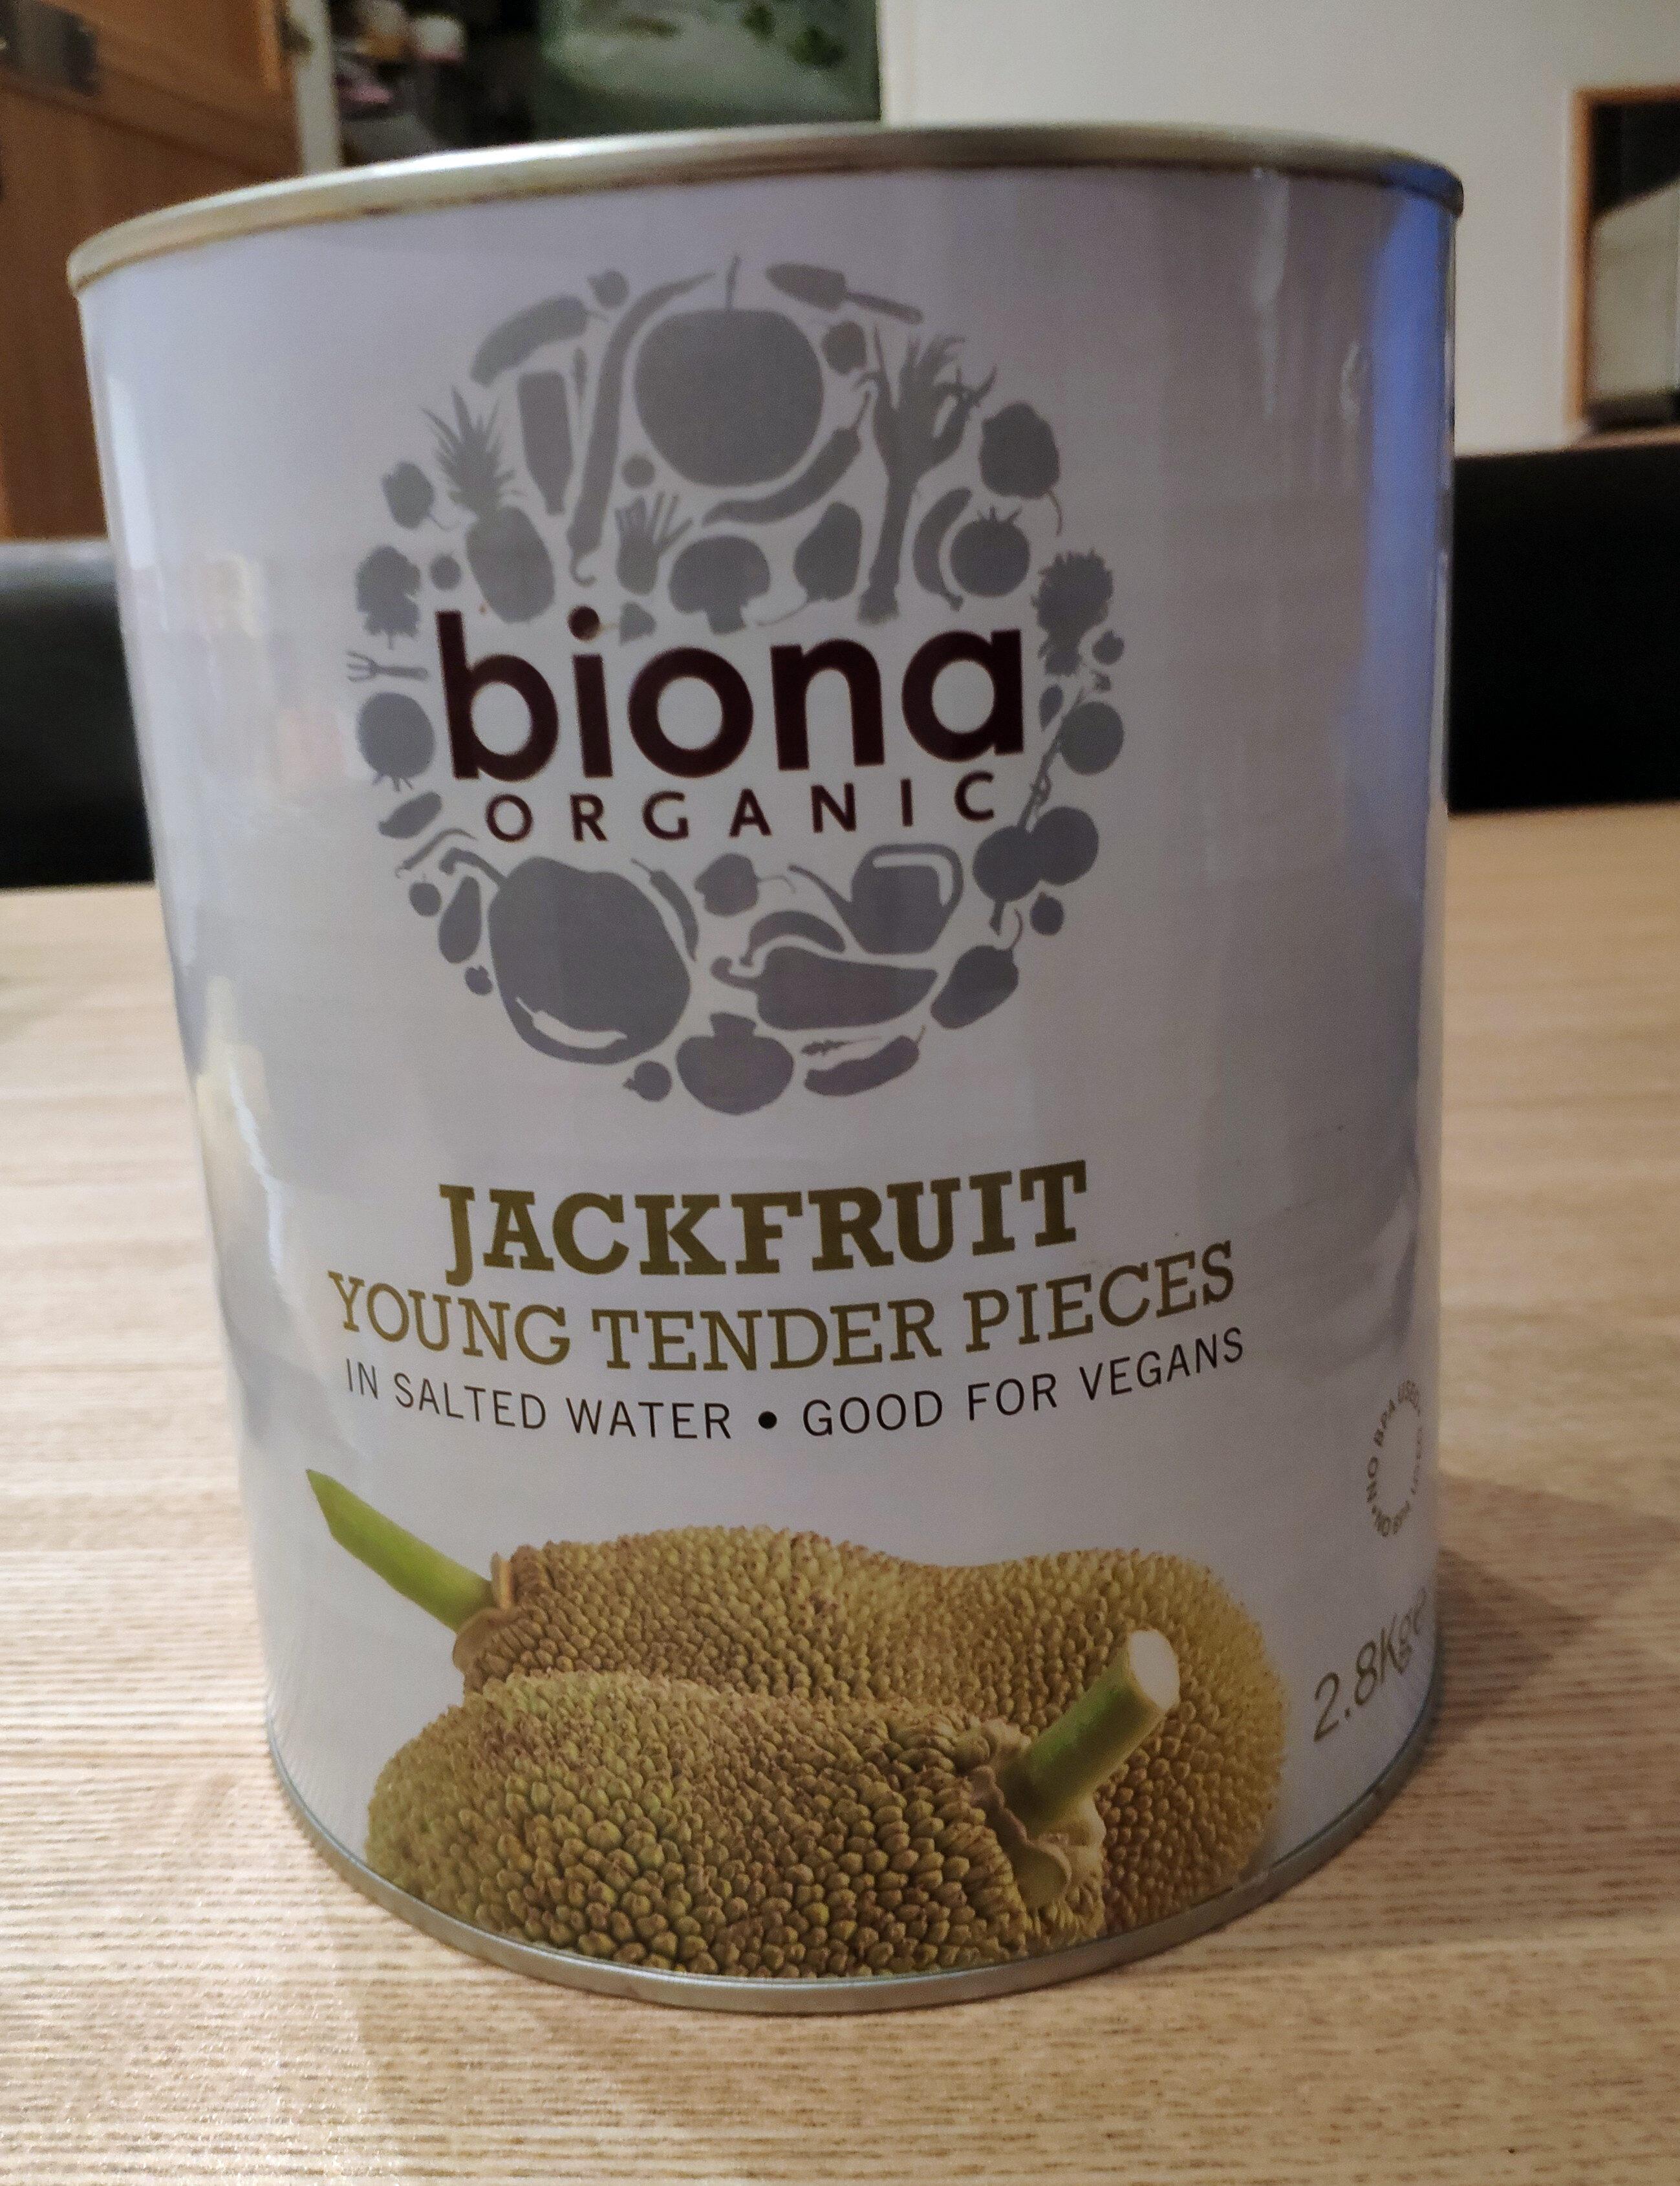 Jackfruit Young Tender Pieces - Product - en